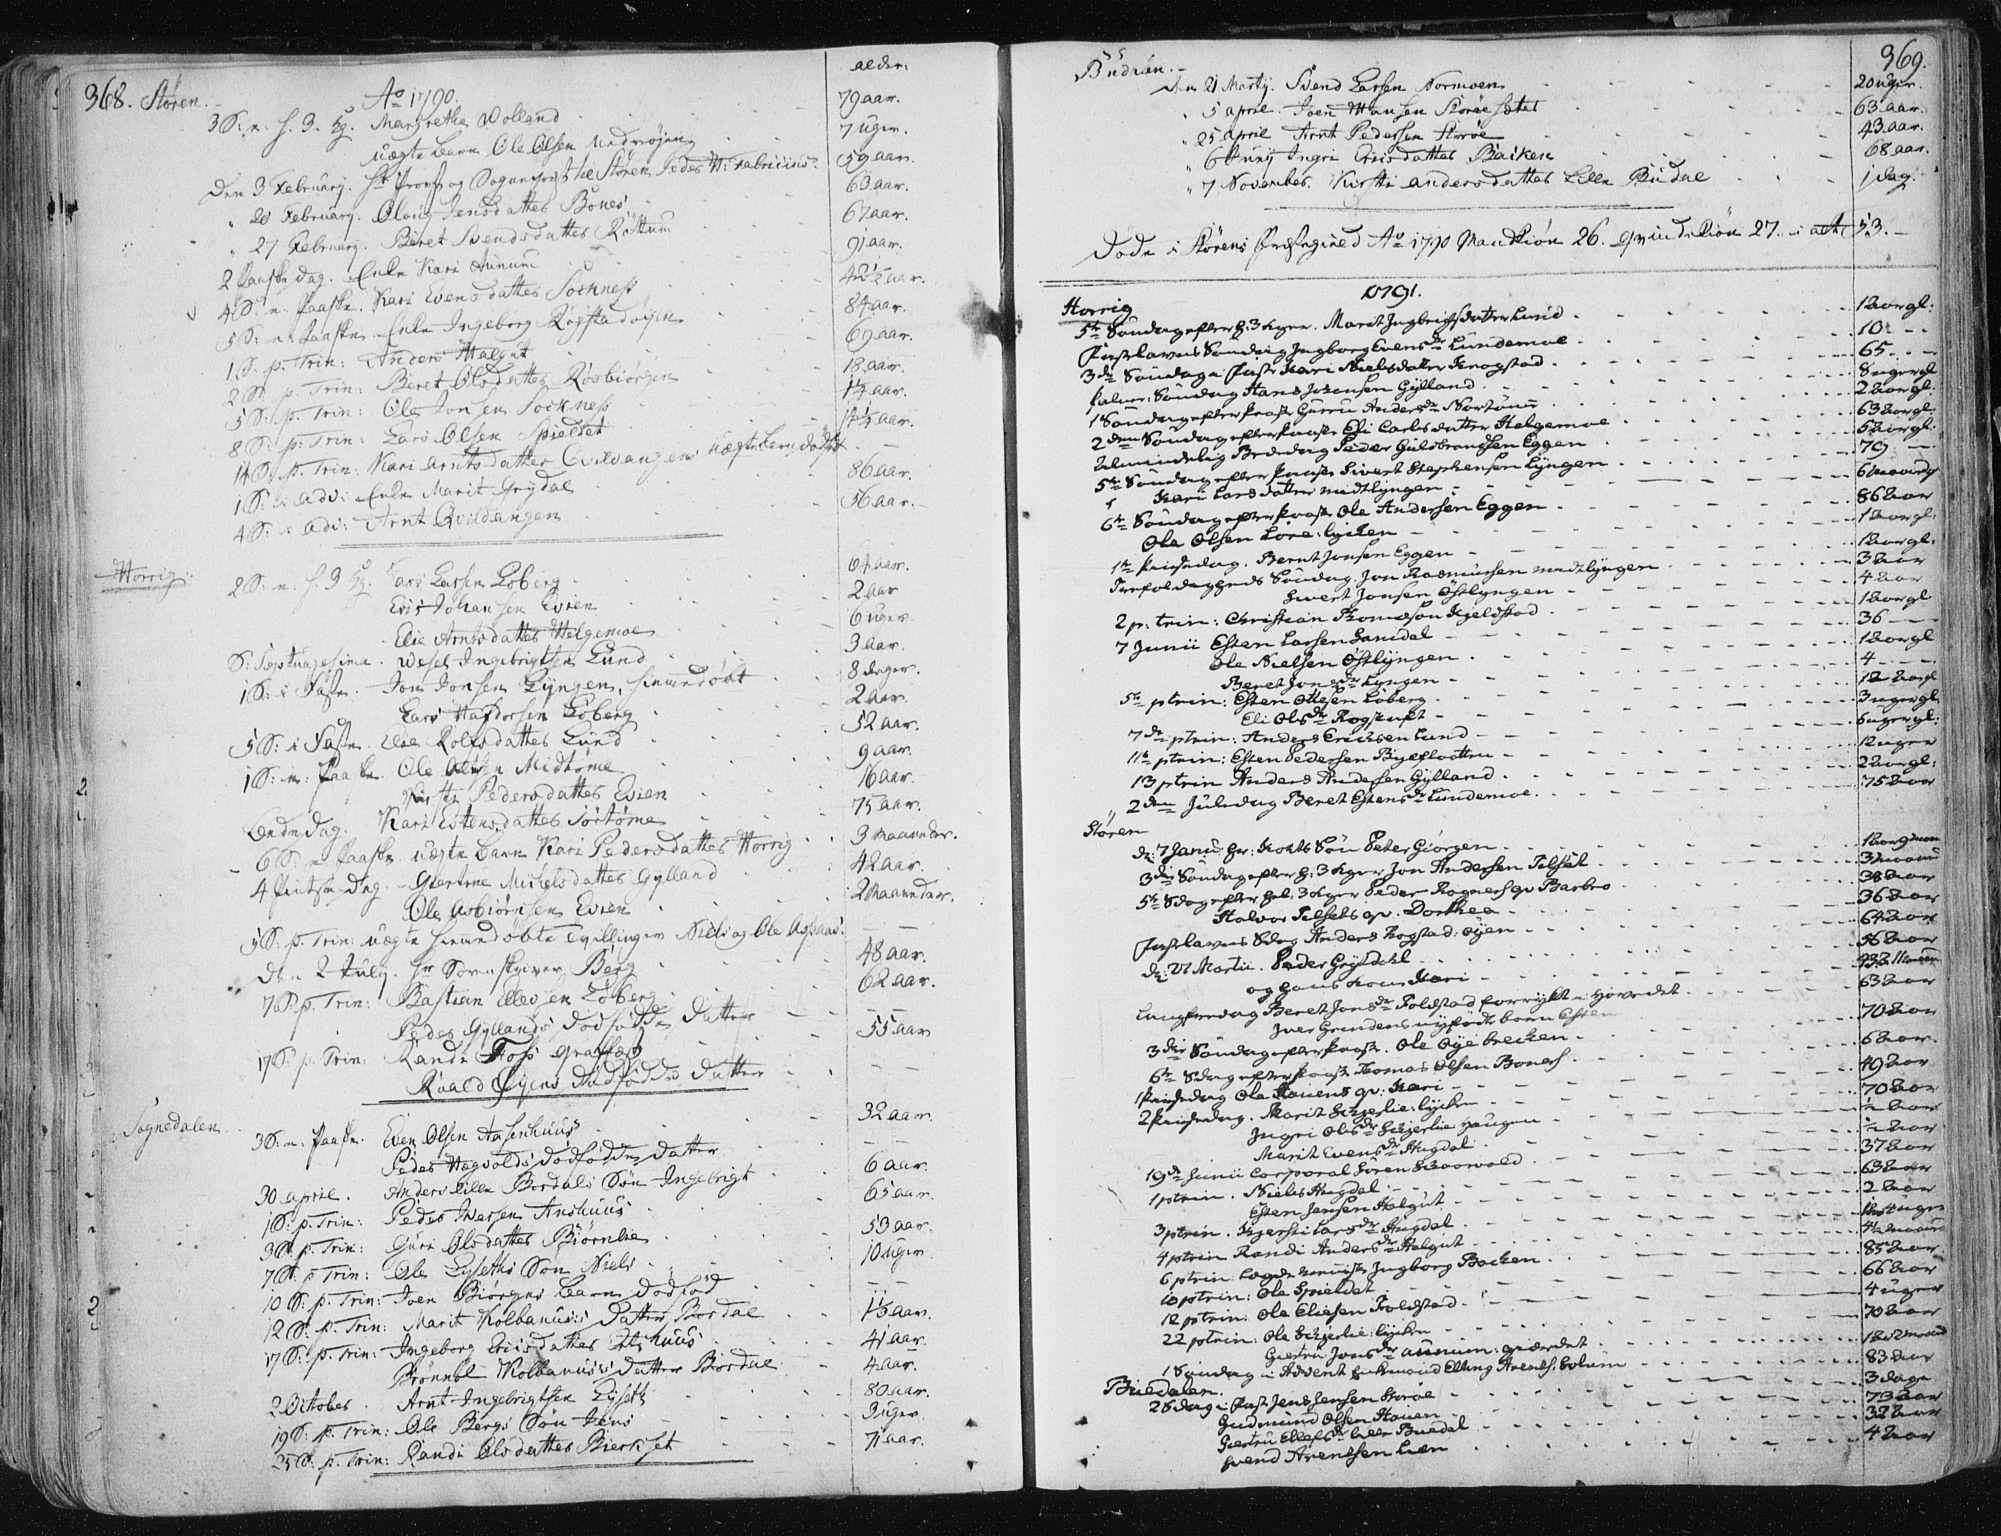 SAT, Ministerialprotokoller, klokkerbøker og fødselsregistre - Sør-Trøndelag, 687/L0992: Ministerialbok nr. 687A03 /1, 1788-1815, s. 368-369